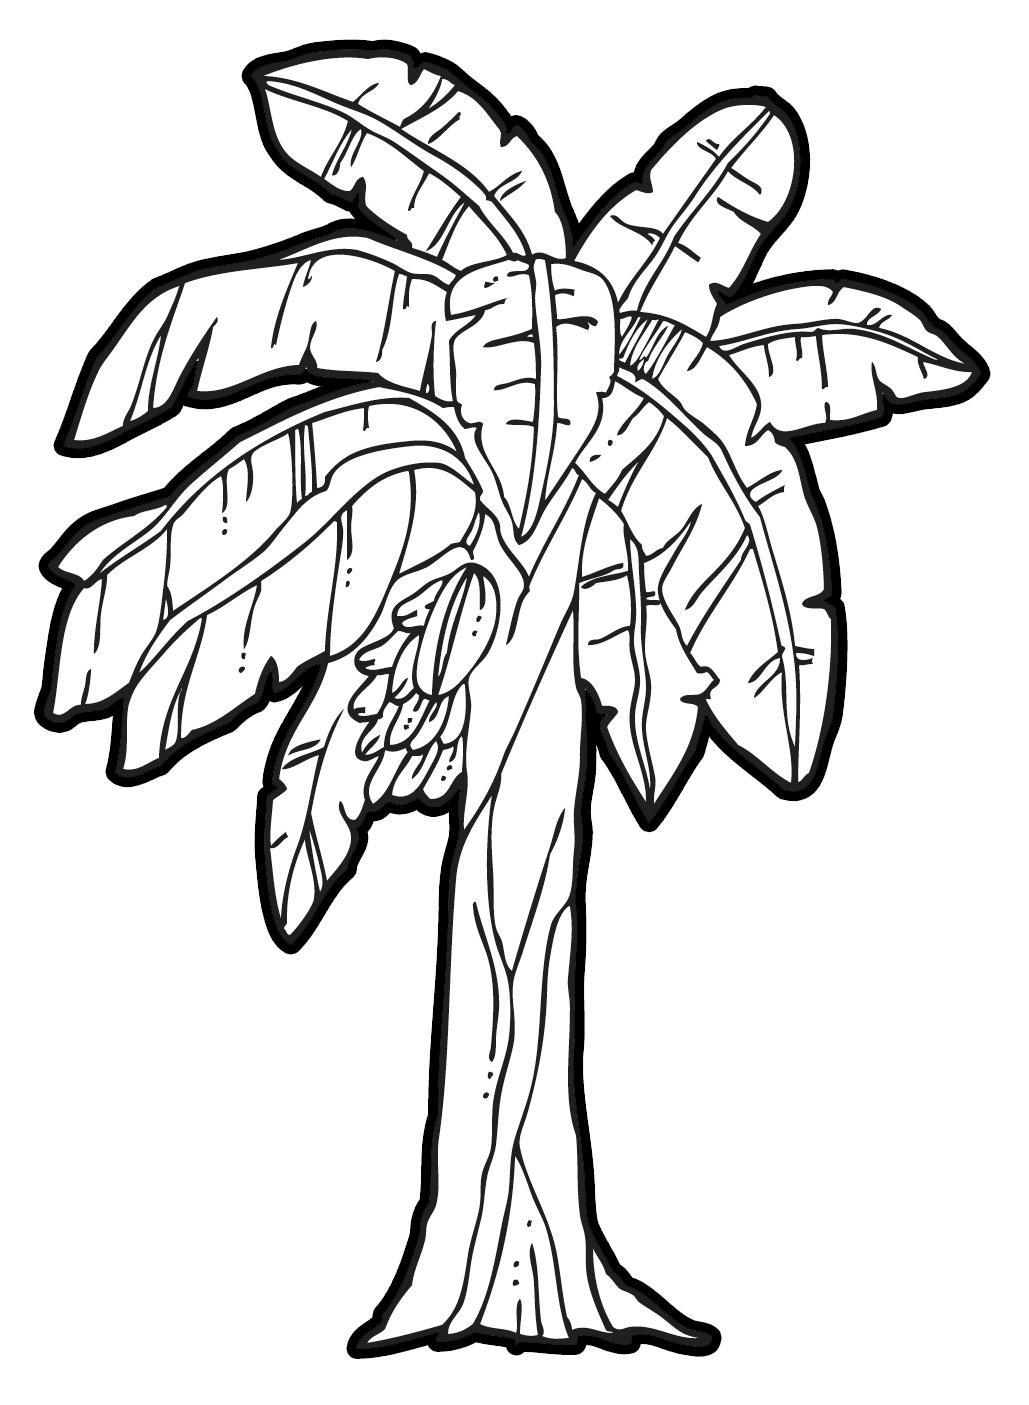 Cartoon Banana Tree